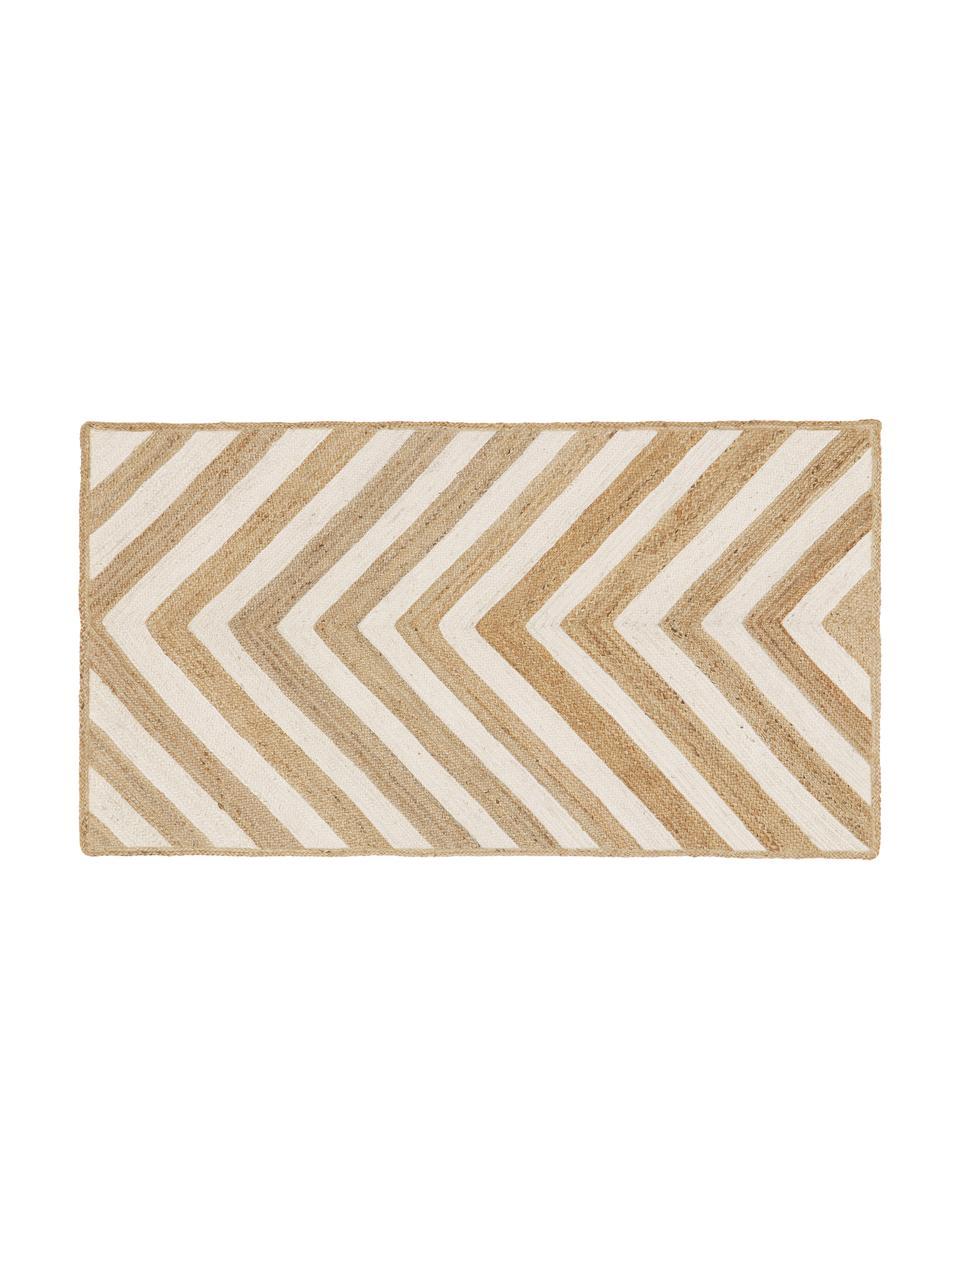 Handgefertigte Jute-Fußmatte Eckes, 100% Jute, Beige, Weiß, 50 x 80 cm